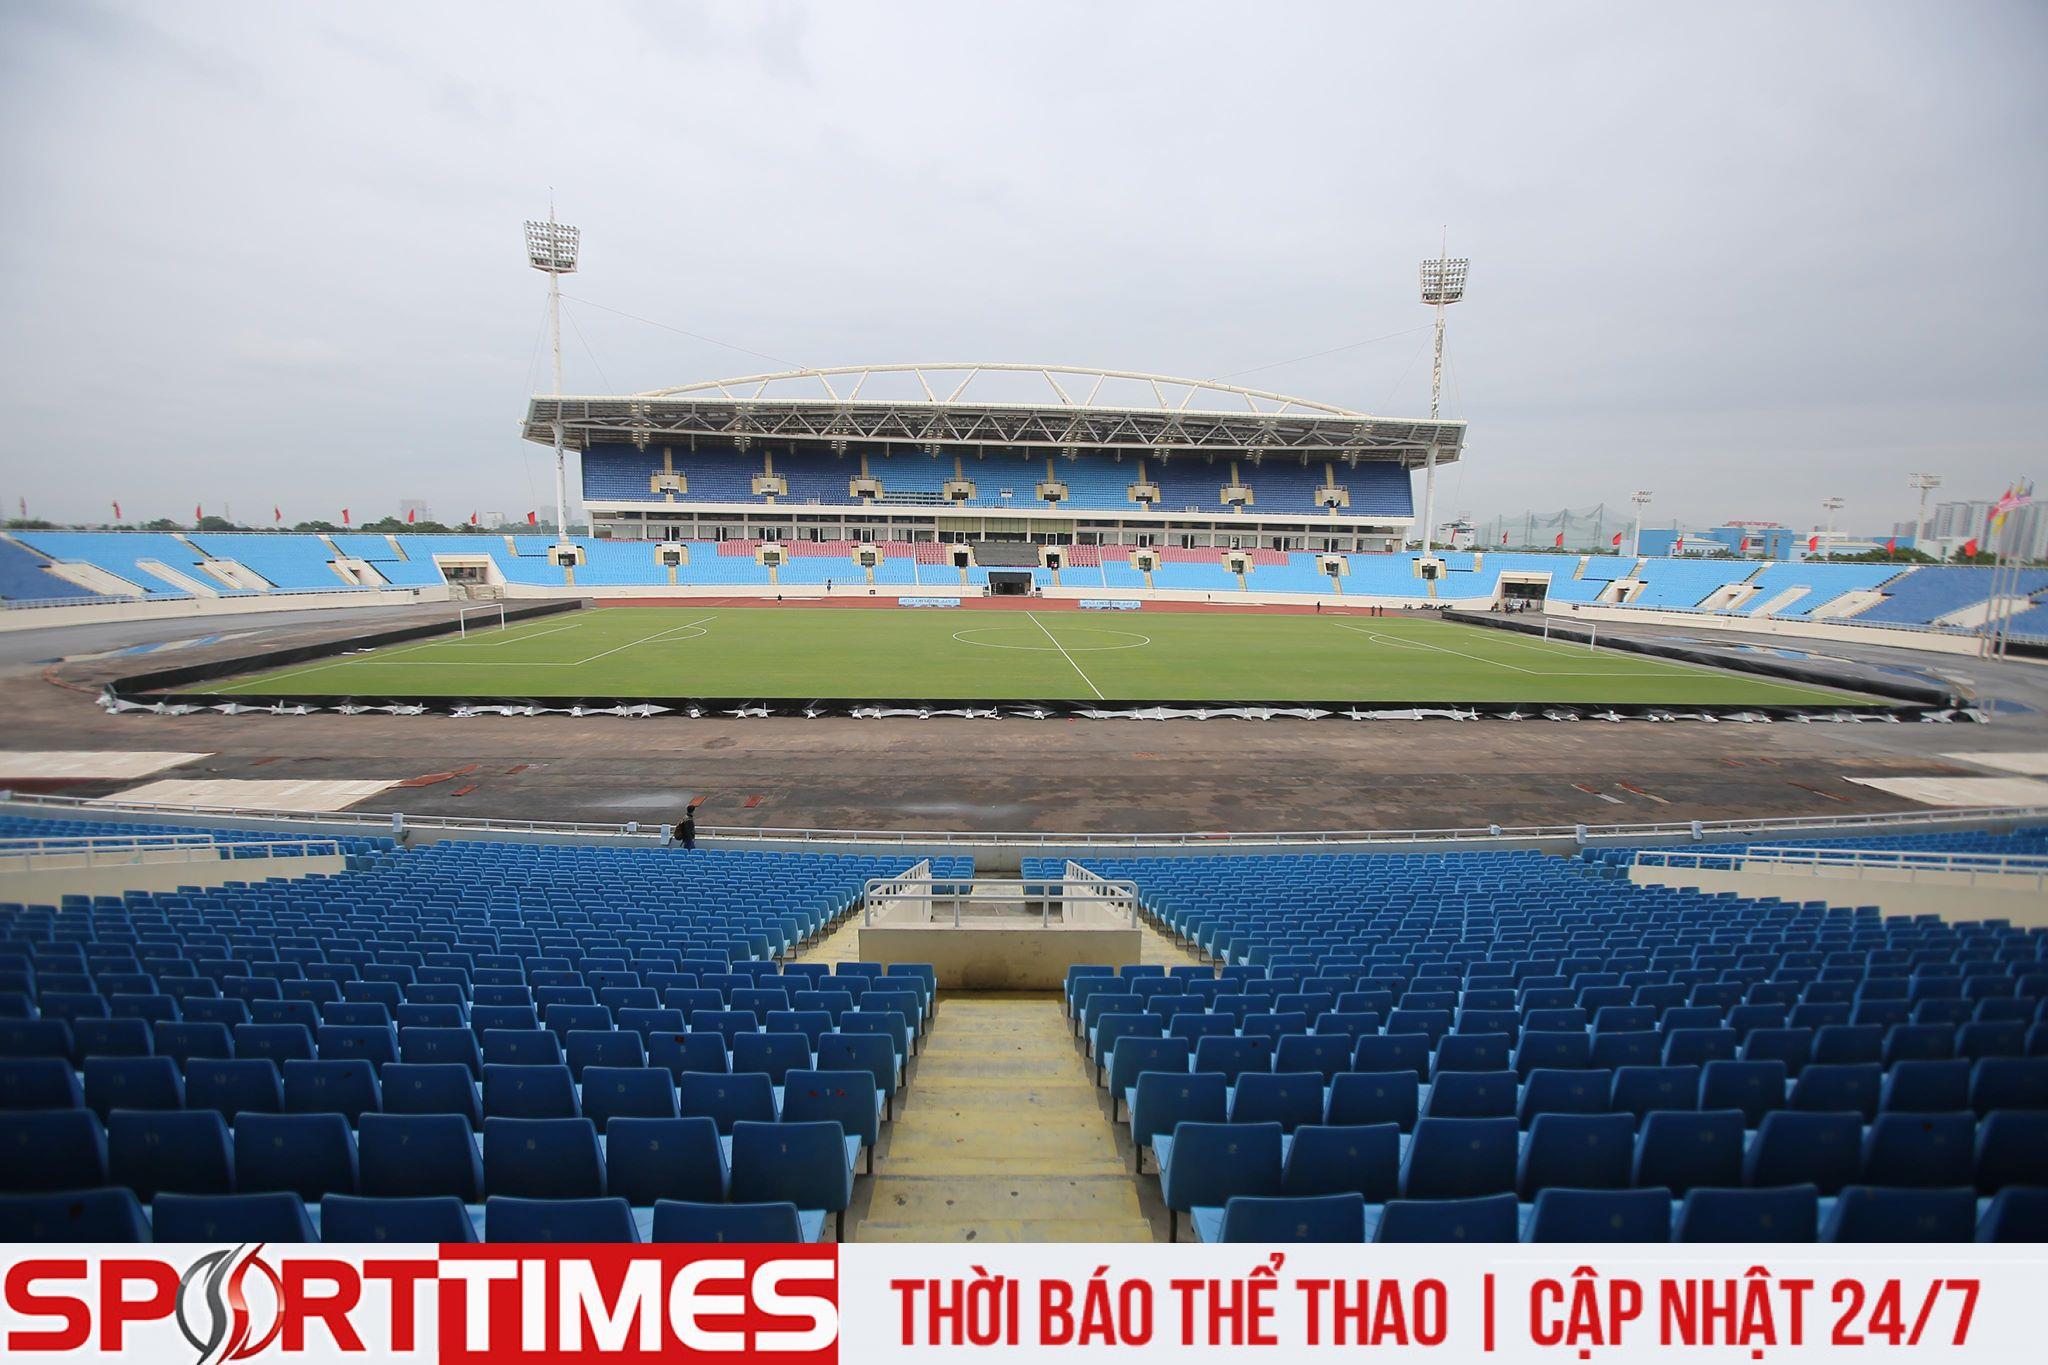 Mỹ Đình lọt top 5 sân vận động tốt nhất Đông Nam Á